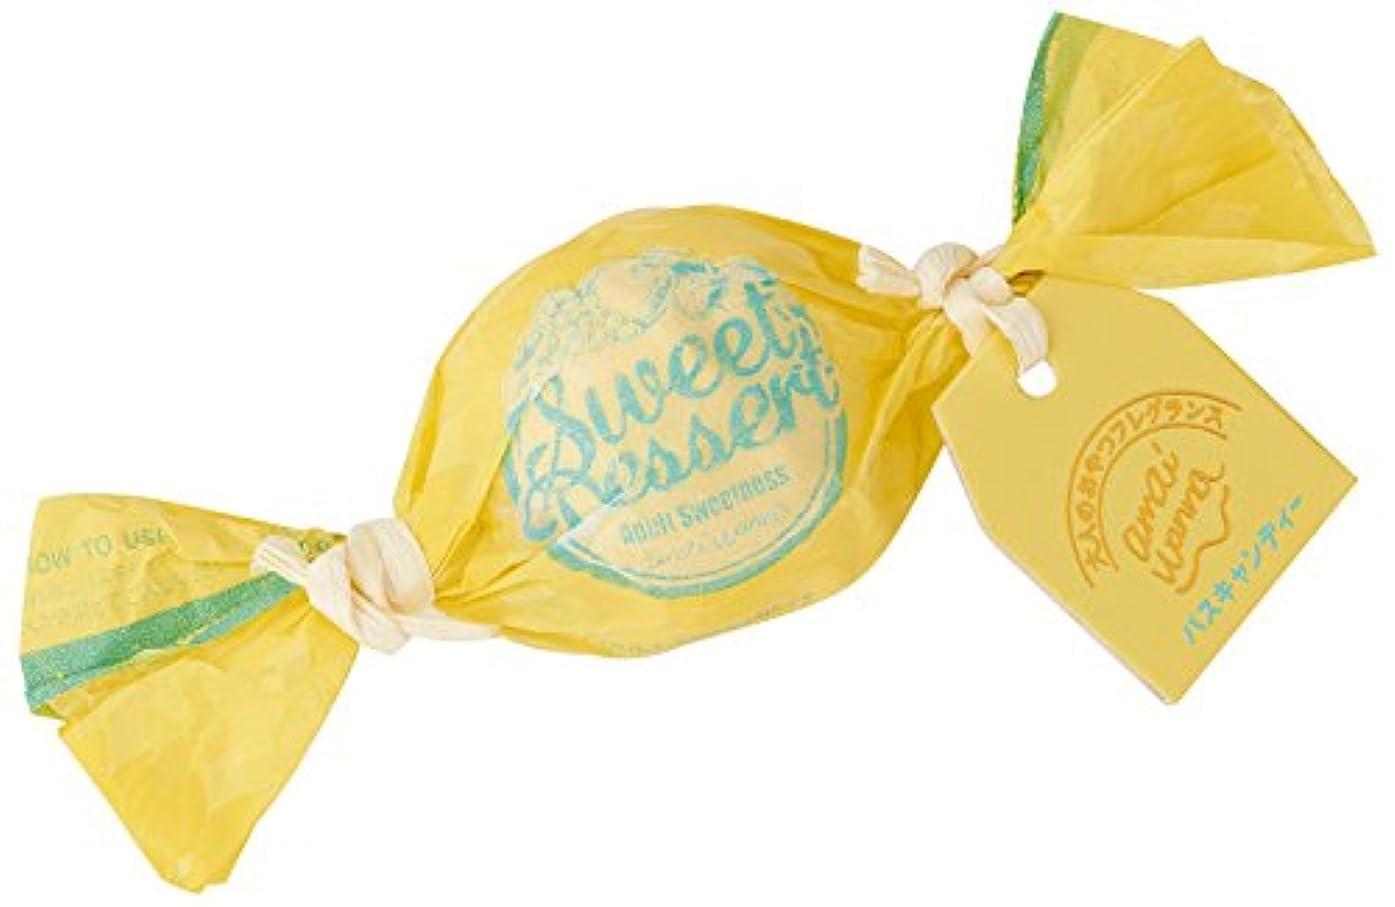 協同大理石雷雨アマイワナ バスキャンディー35g×12粒 大人の甘美デザート(発泡タイプ入浴料 フローラルと果実の香り)